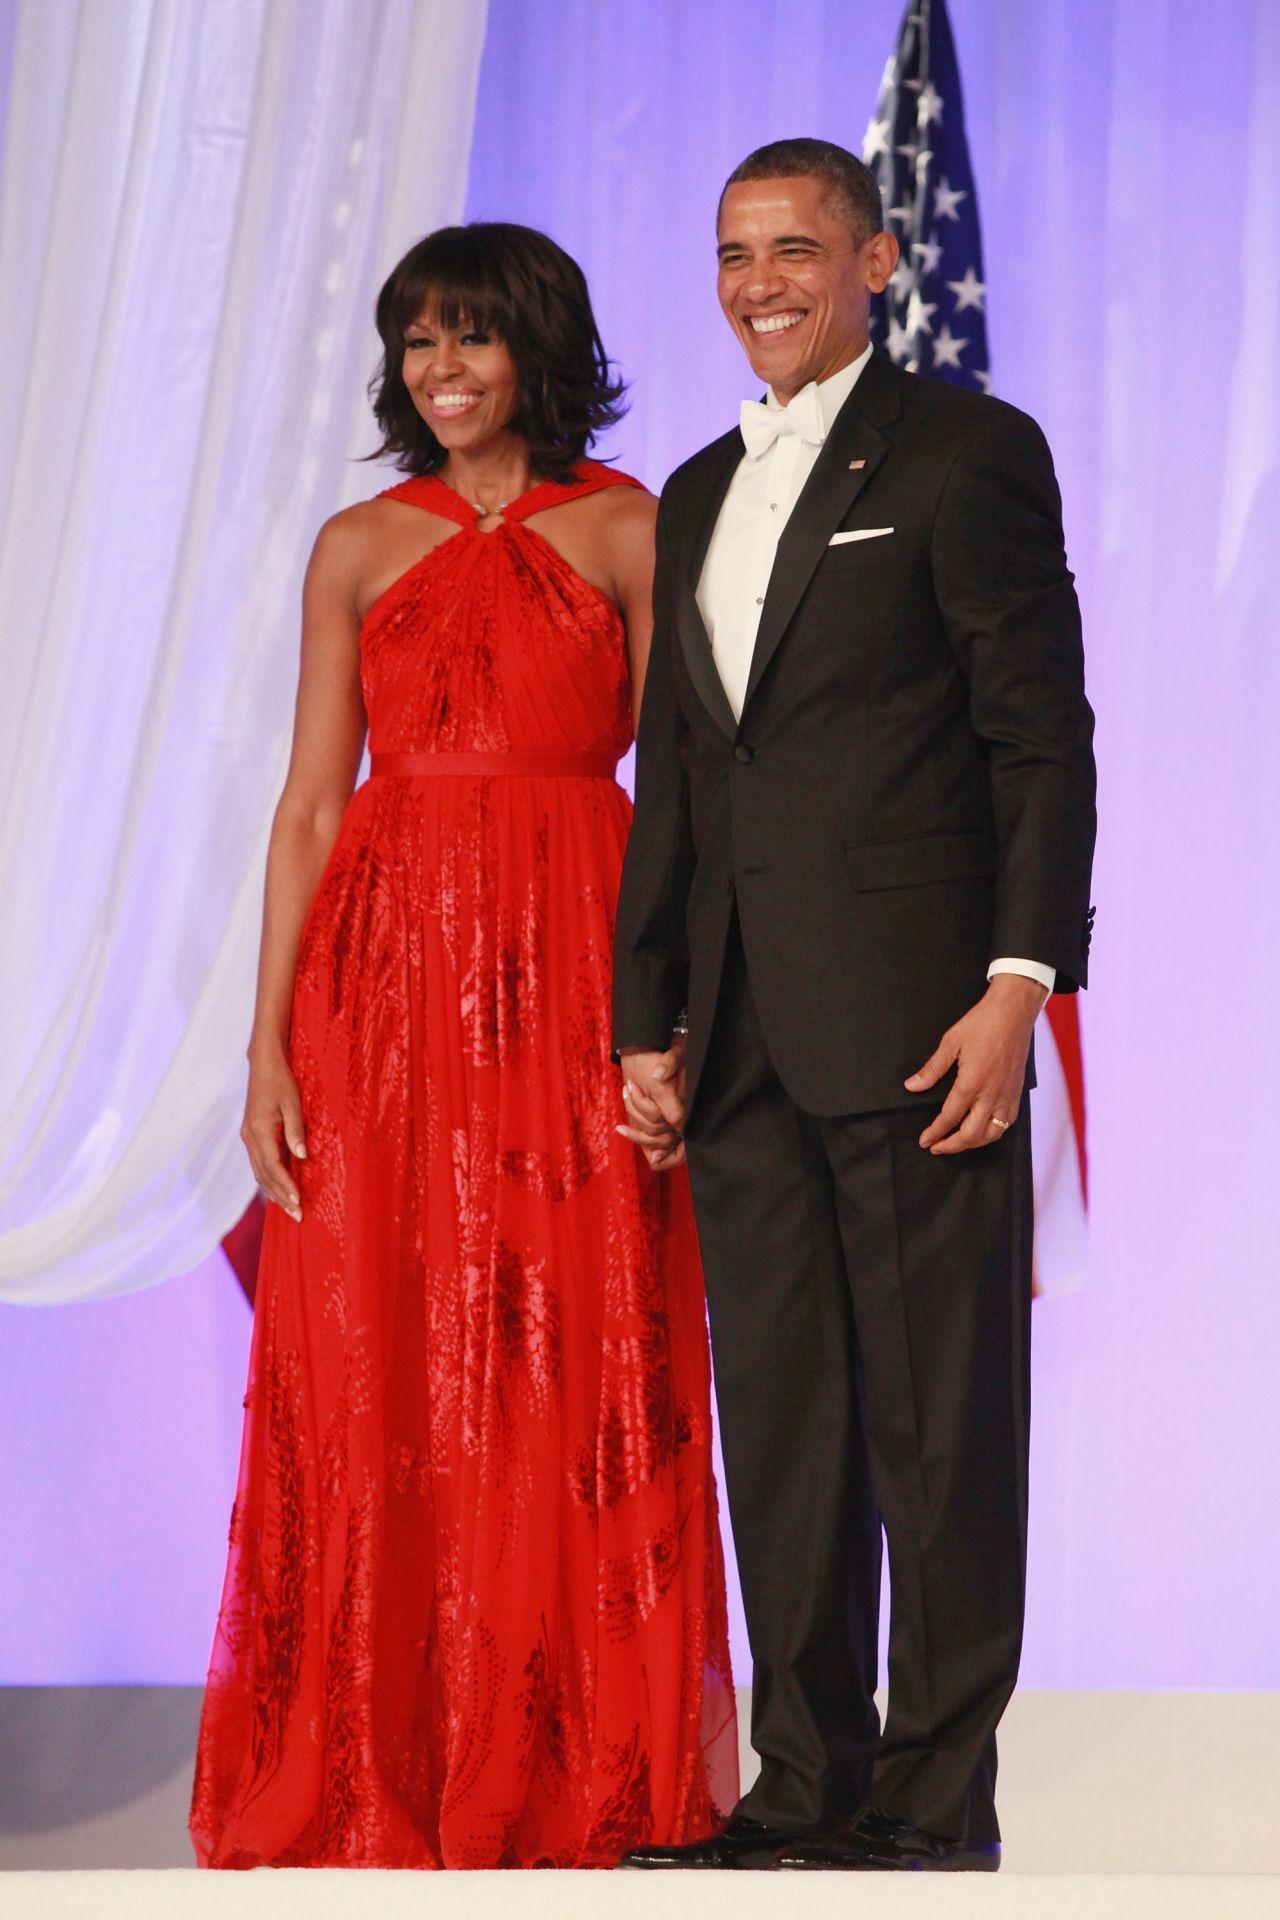 Michelle Obama és Barack Obama 2013-ban a washingtoni beiktatási bálon.